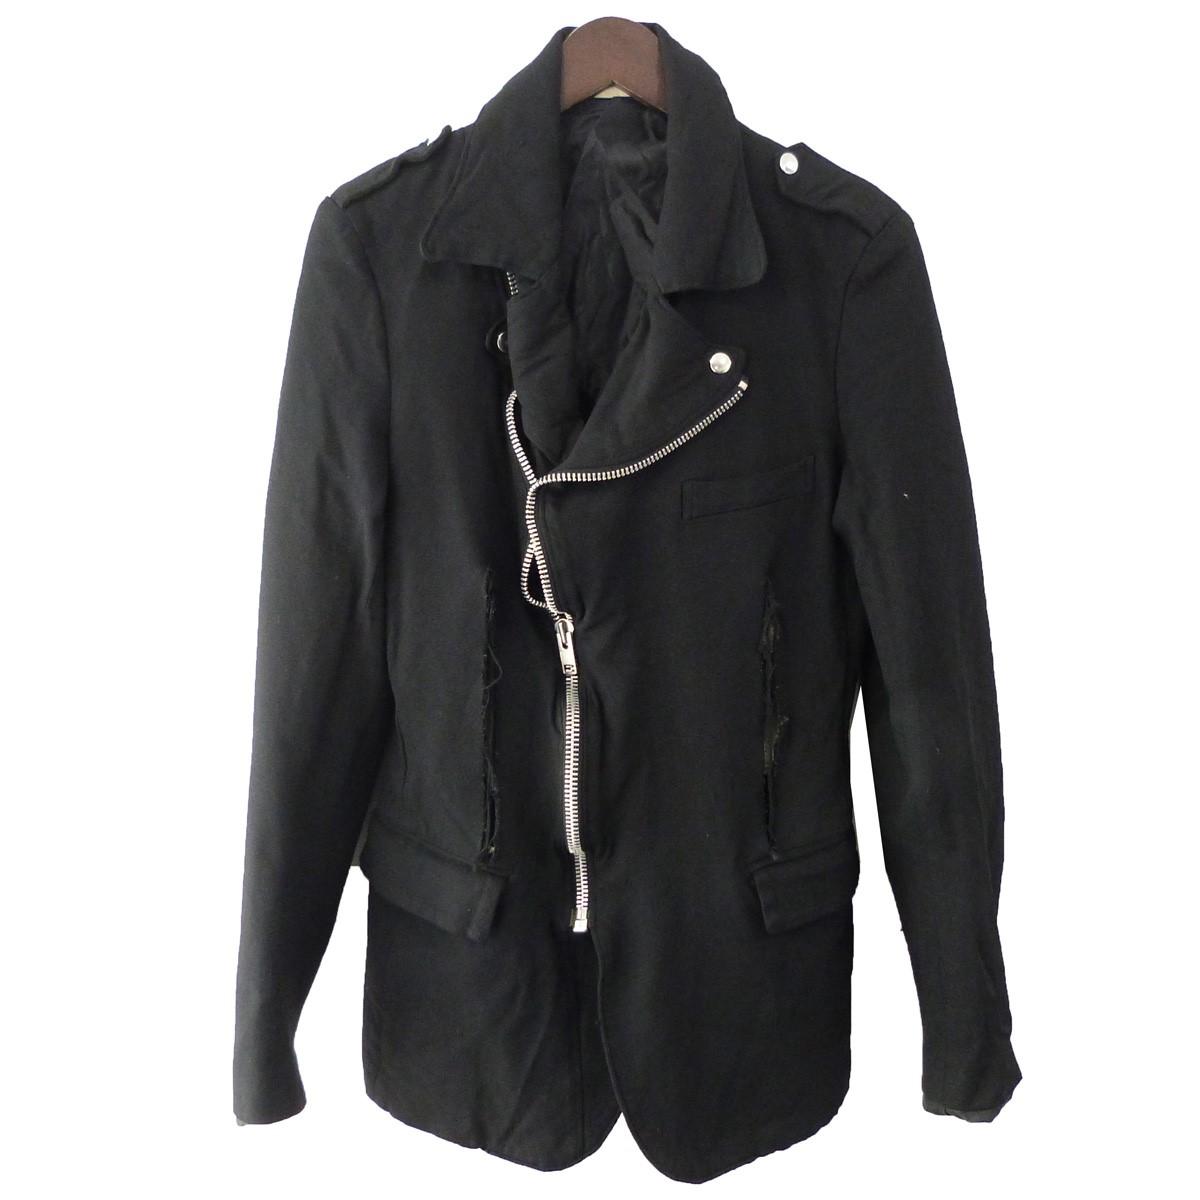 【中古】COMME des GARCONS HOMME PLUS 12AW 特殊加工ダブルライダースジャケット ブラック サイズ:M 【050320】(コムデギャルソンオムプリュス)